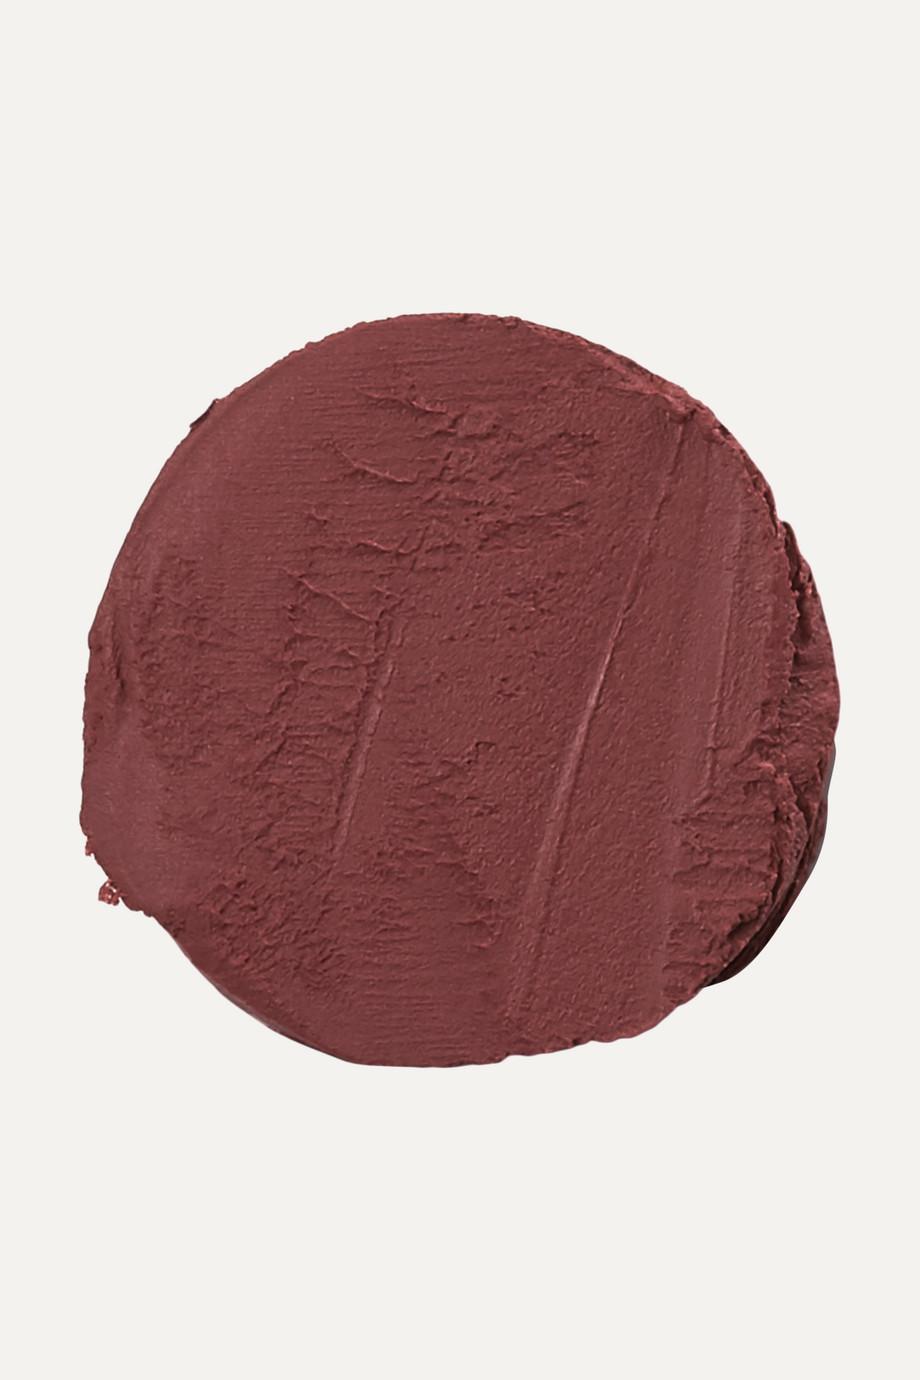 Huda Beauty Power Bullet Matte Lipstick - Third Date